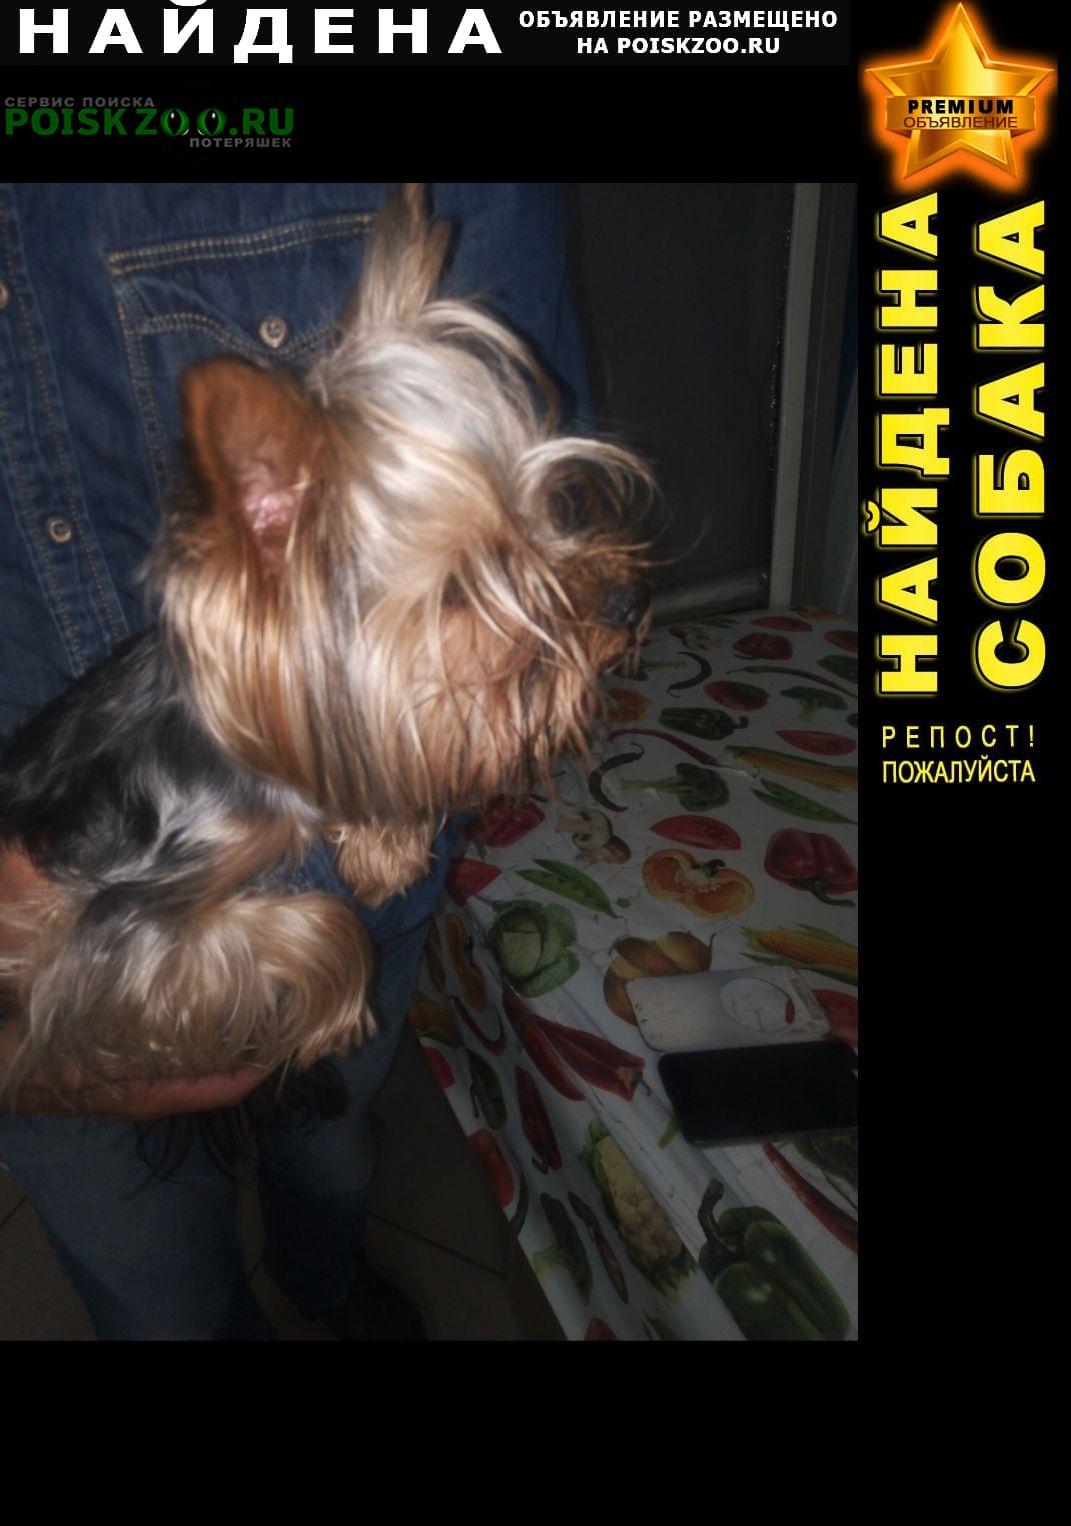 Найдена собака йоркширский терьер Оренбург